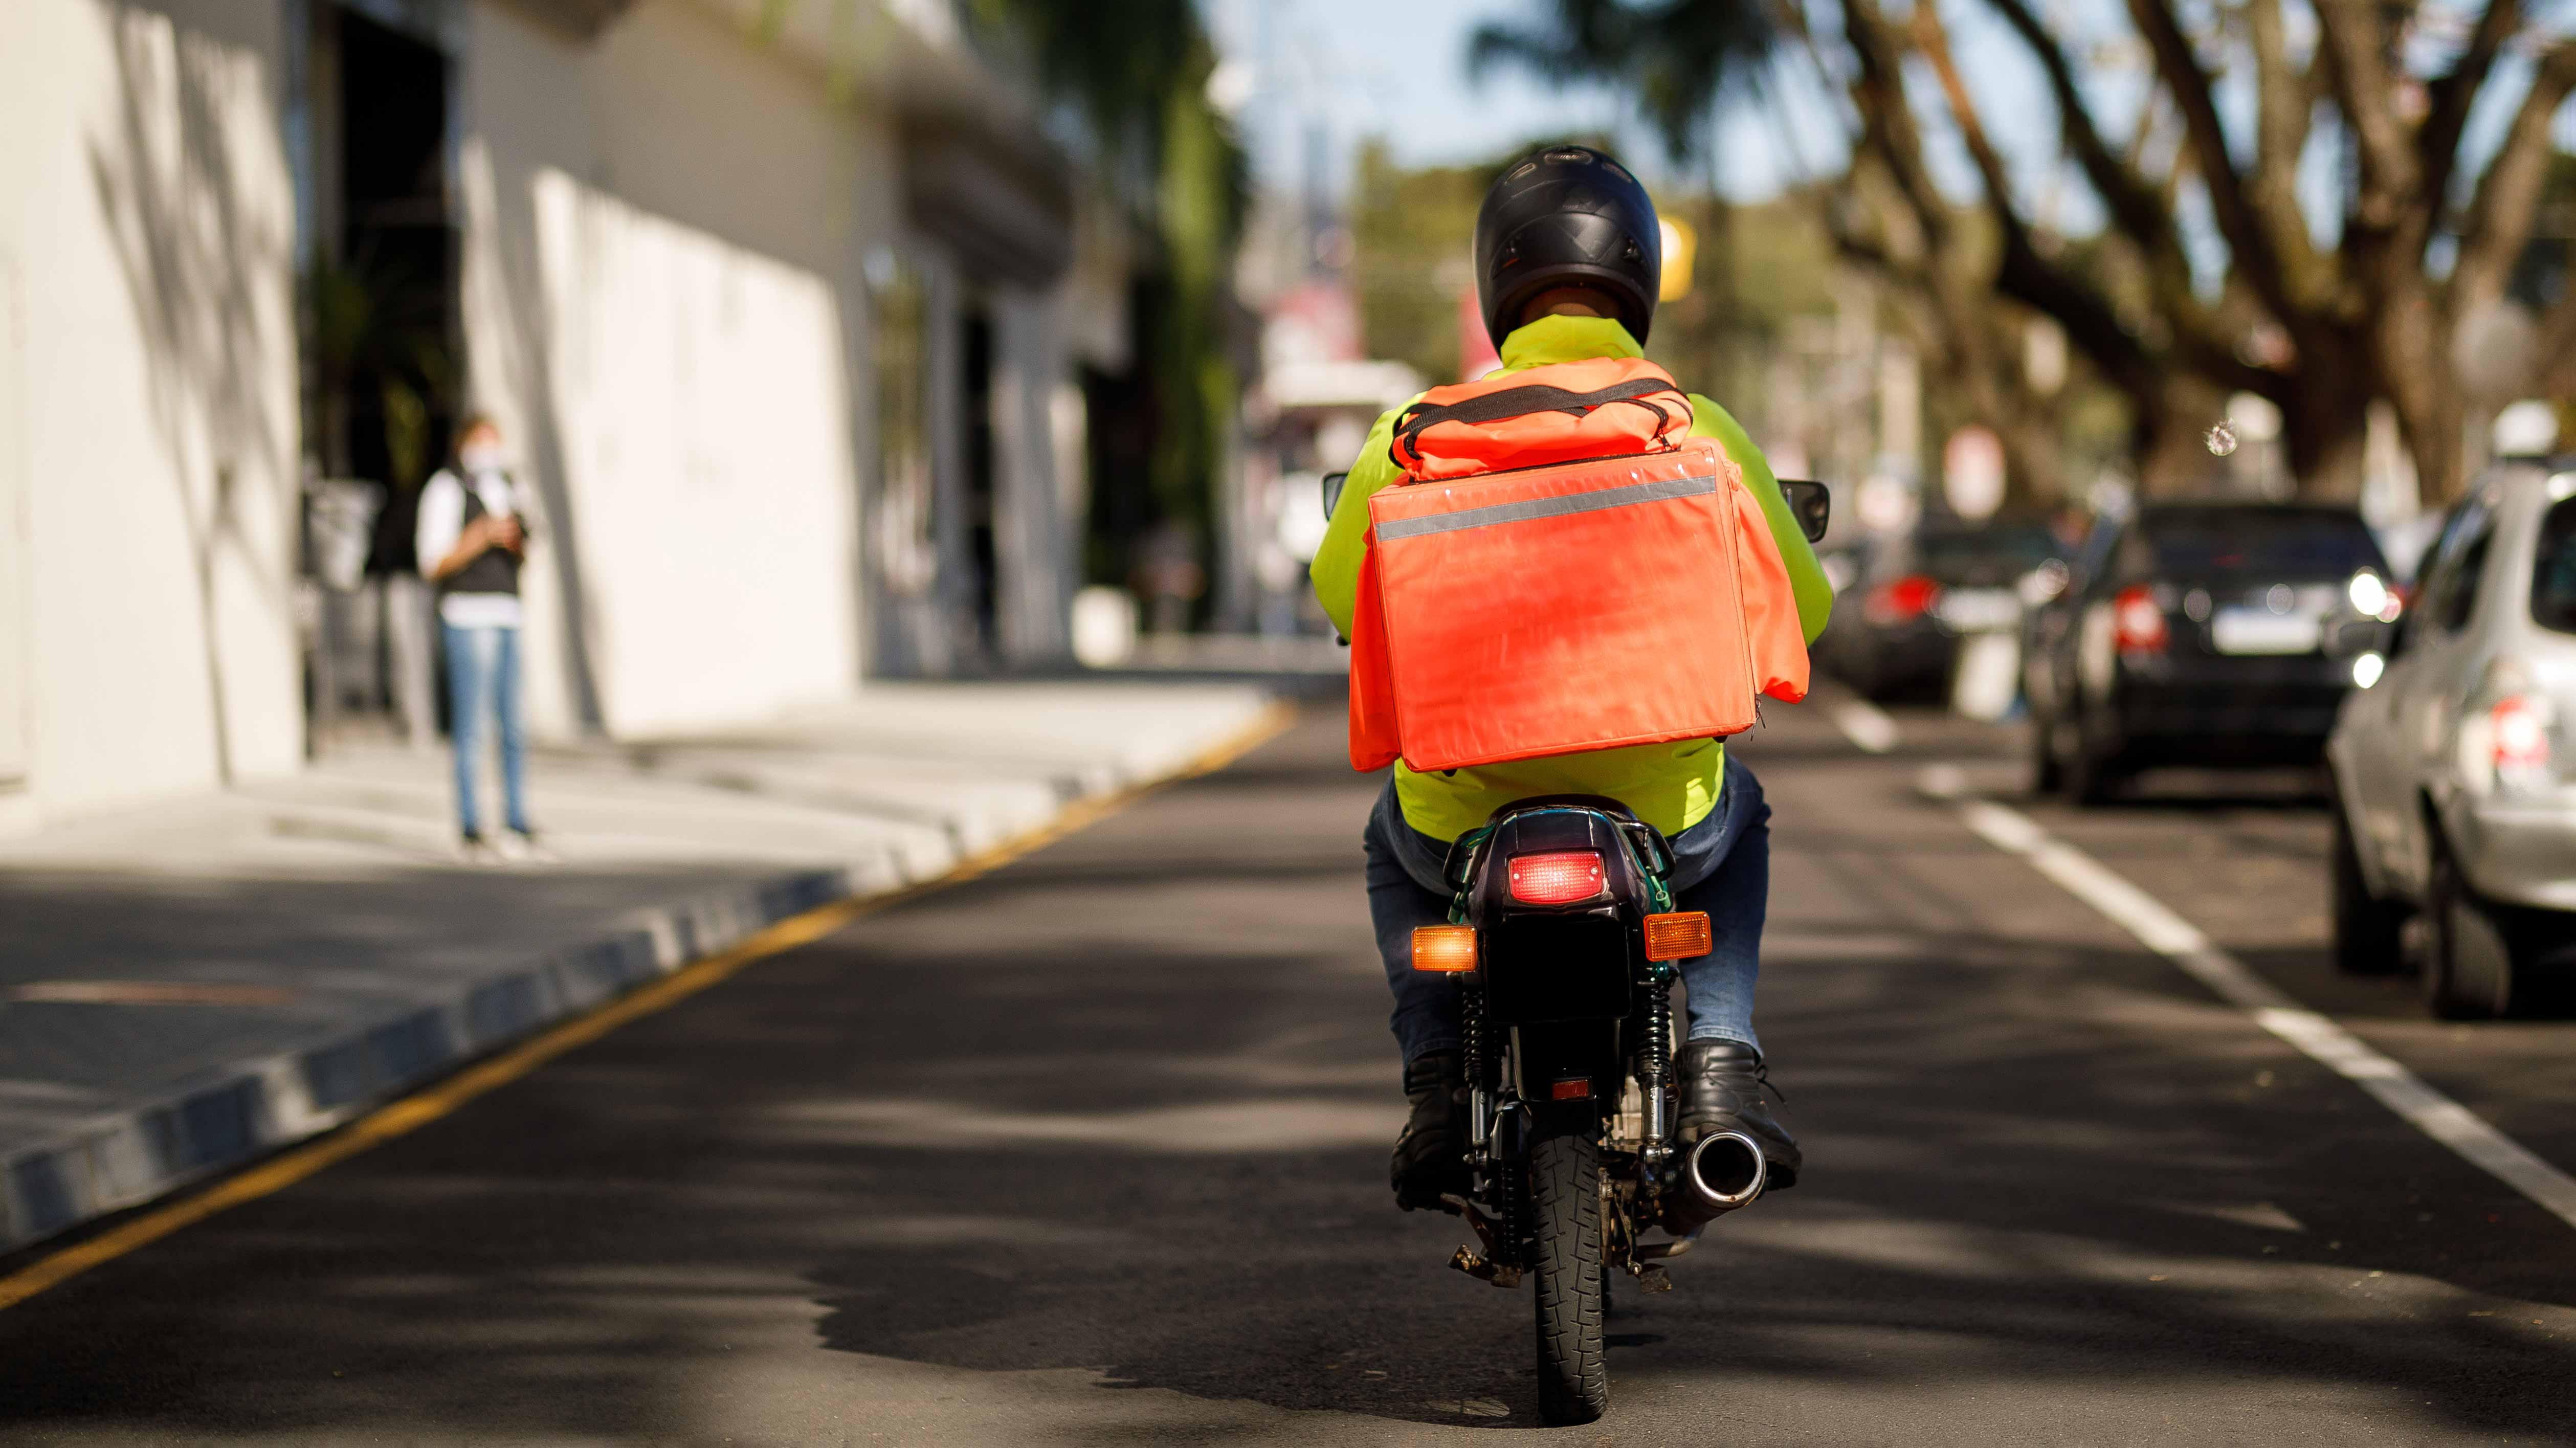 Delivery y desempleo: los factores que explican el crecimiento explosivo del mercado de motos